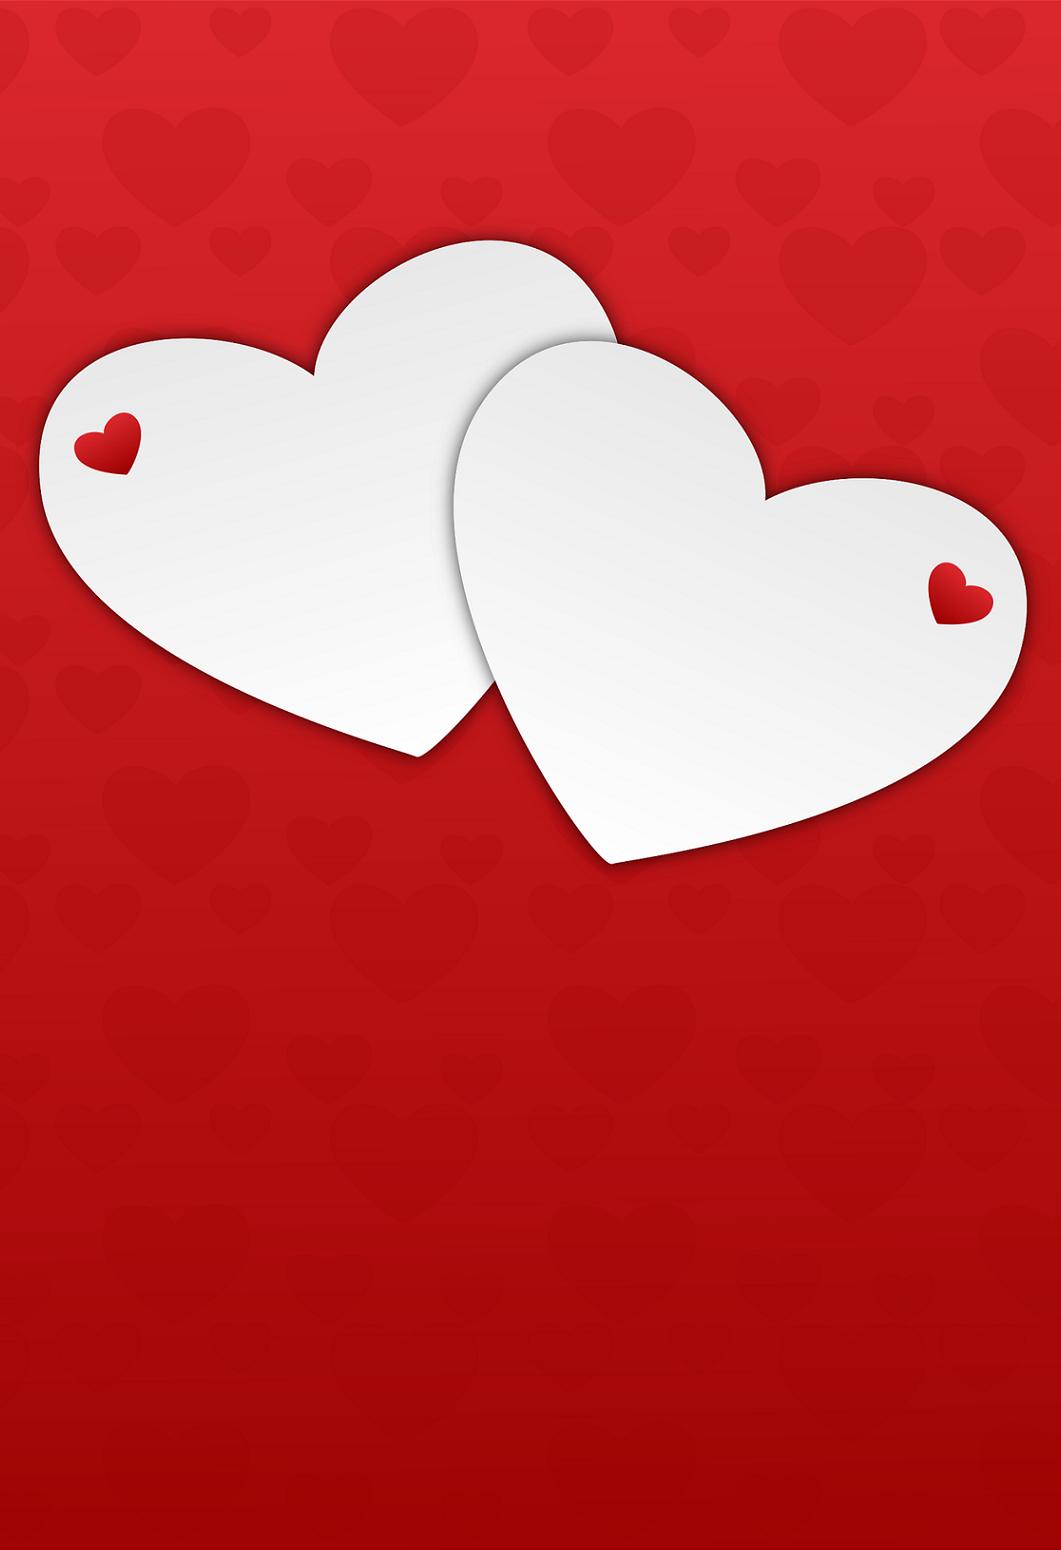 Gutschein valentinstag vorlage kostenlos